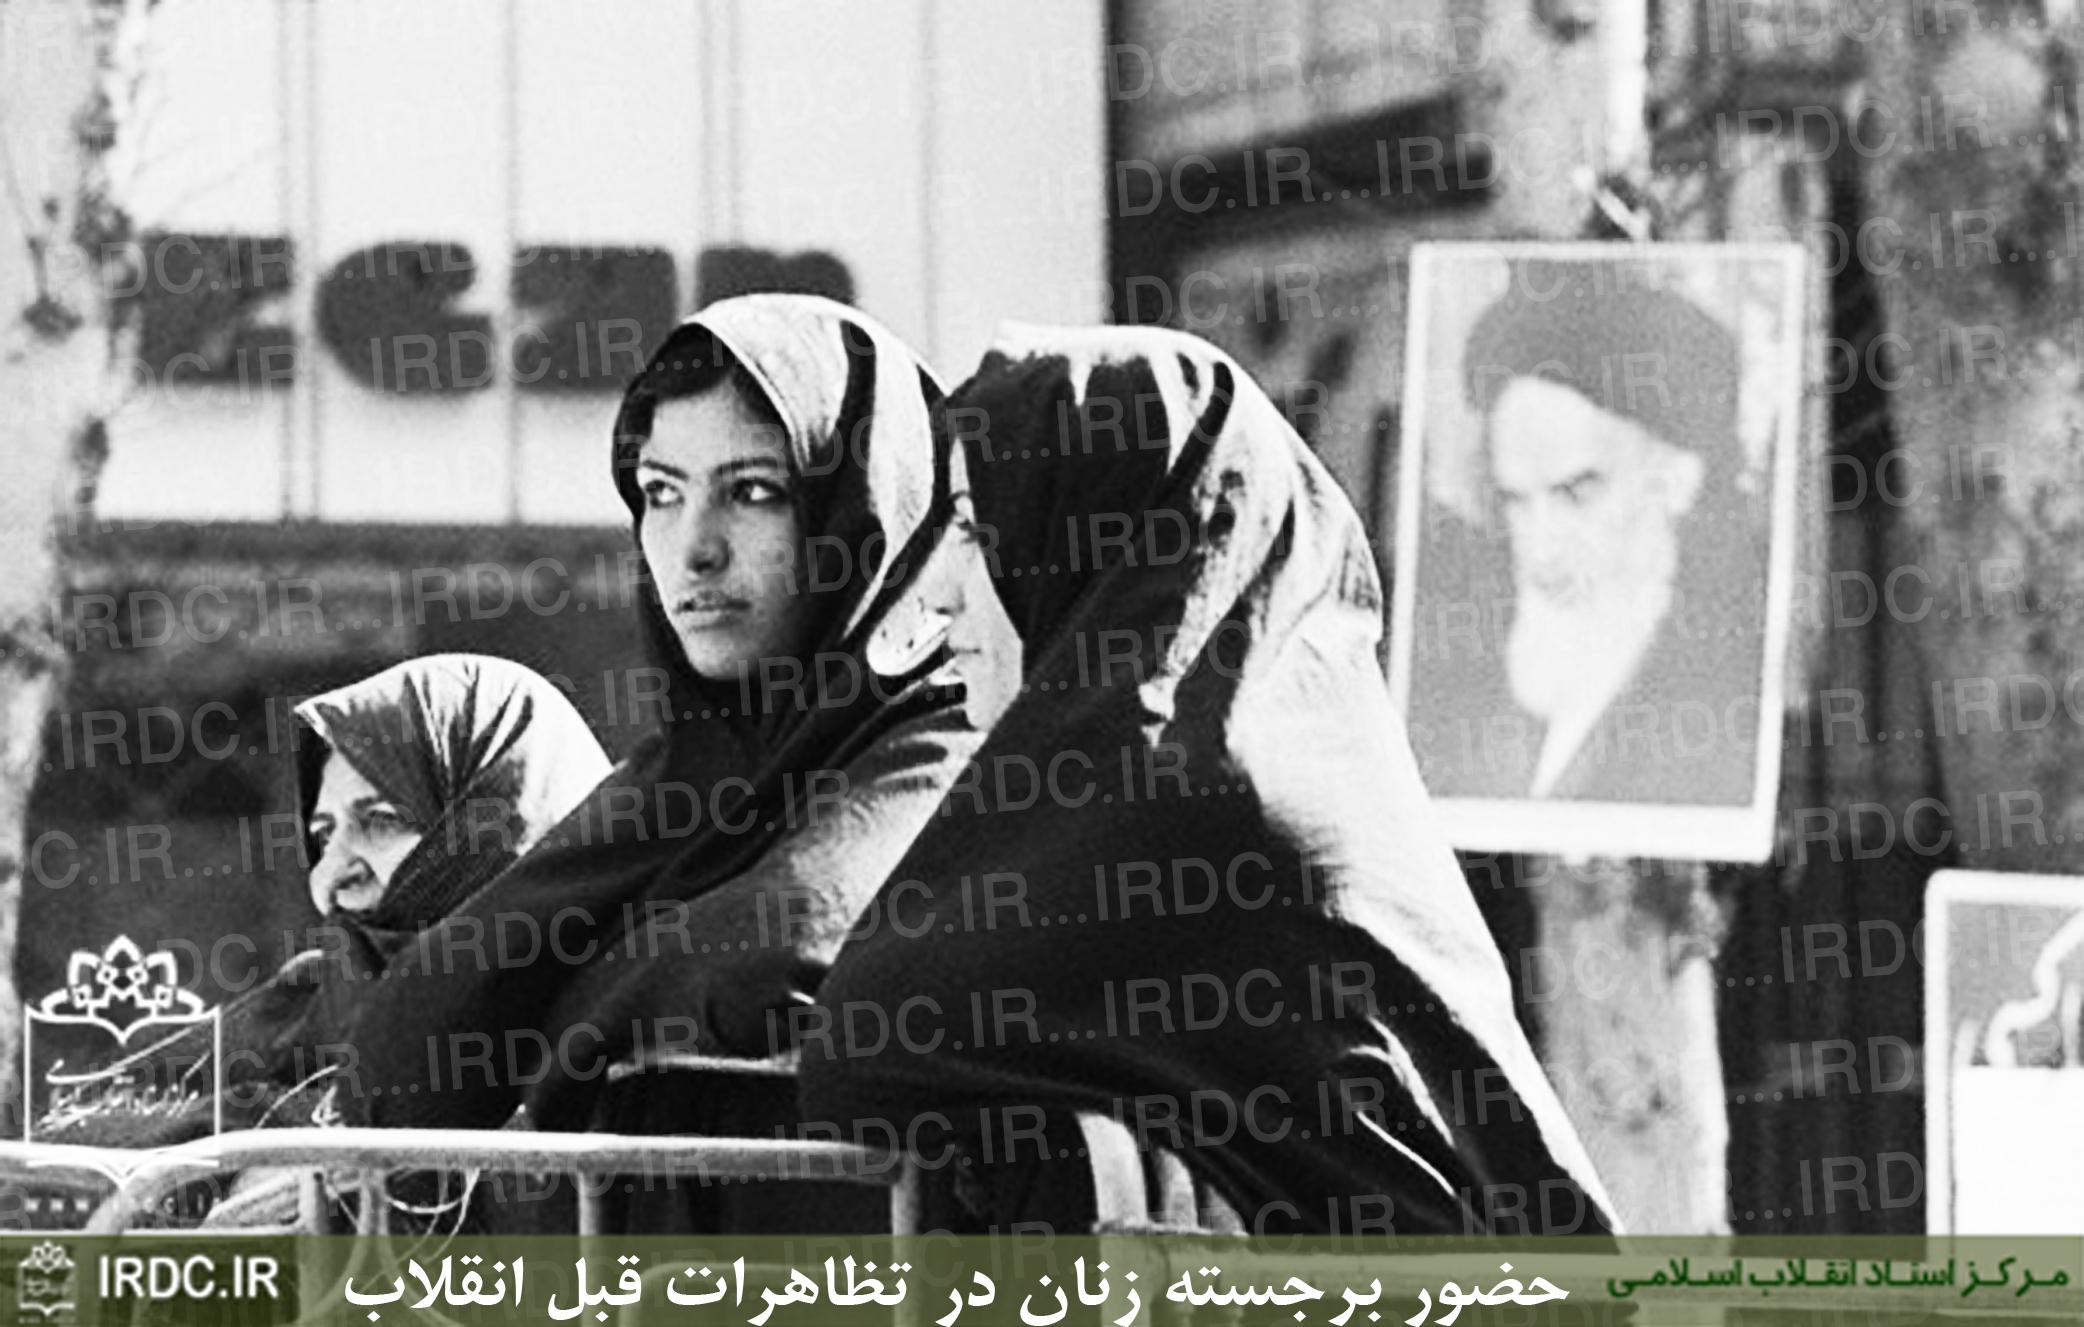 تصاویر/حضور زنان درتظاهرات قبل ازانقلاب